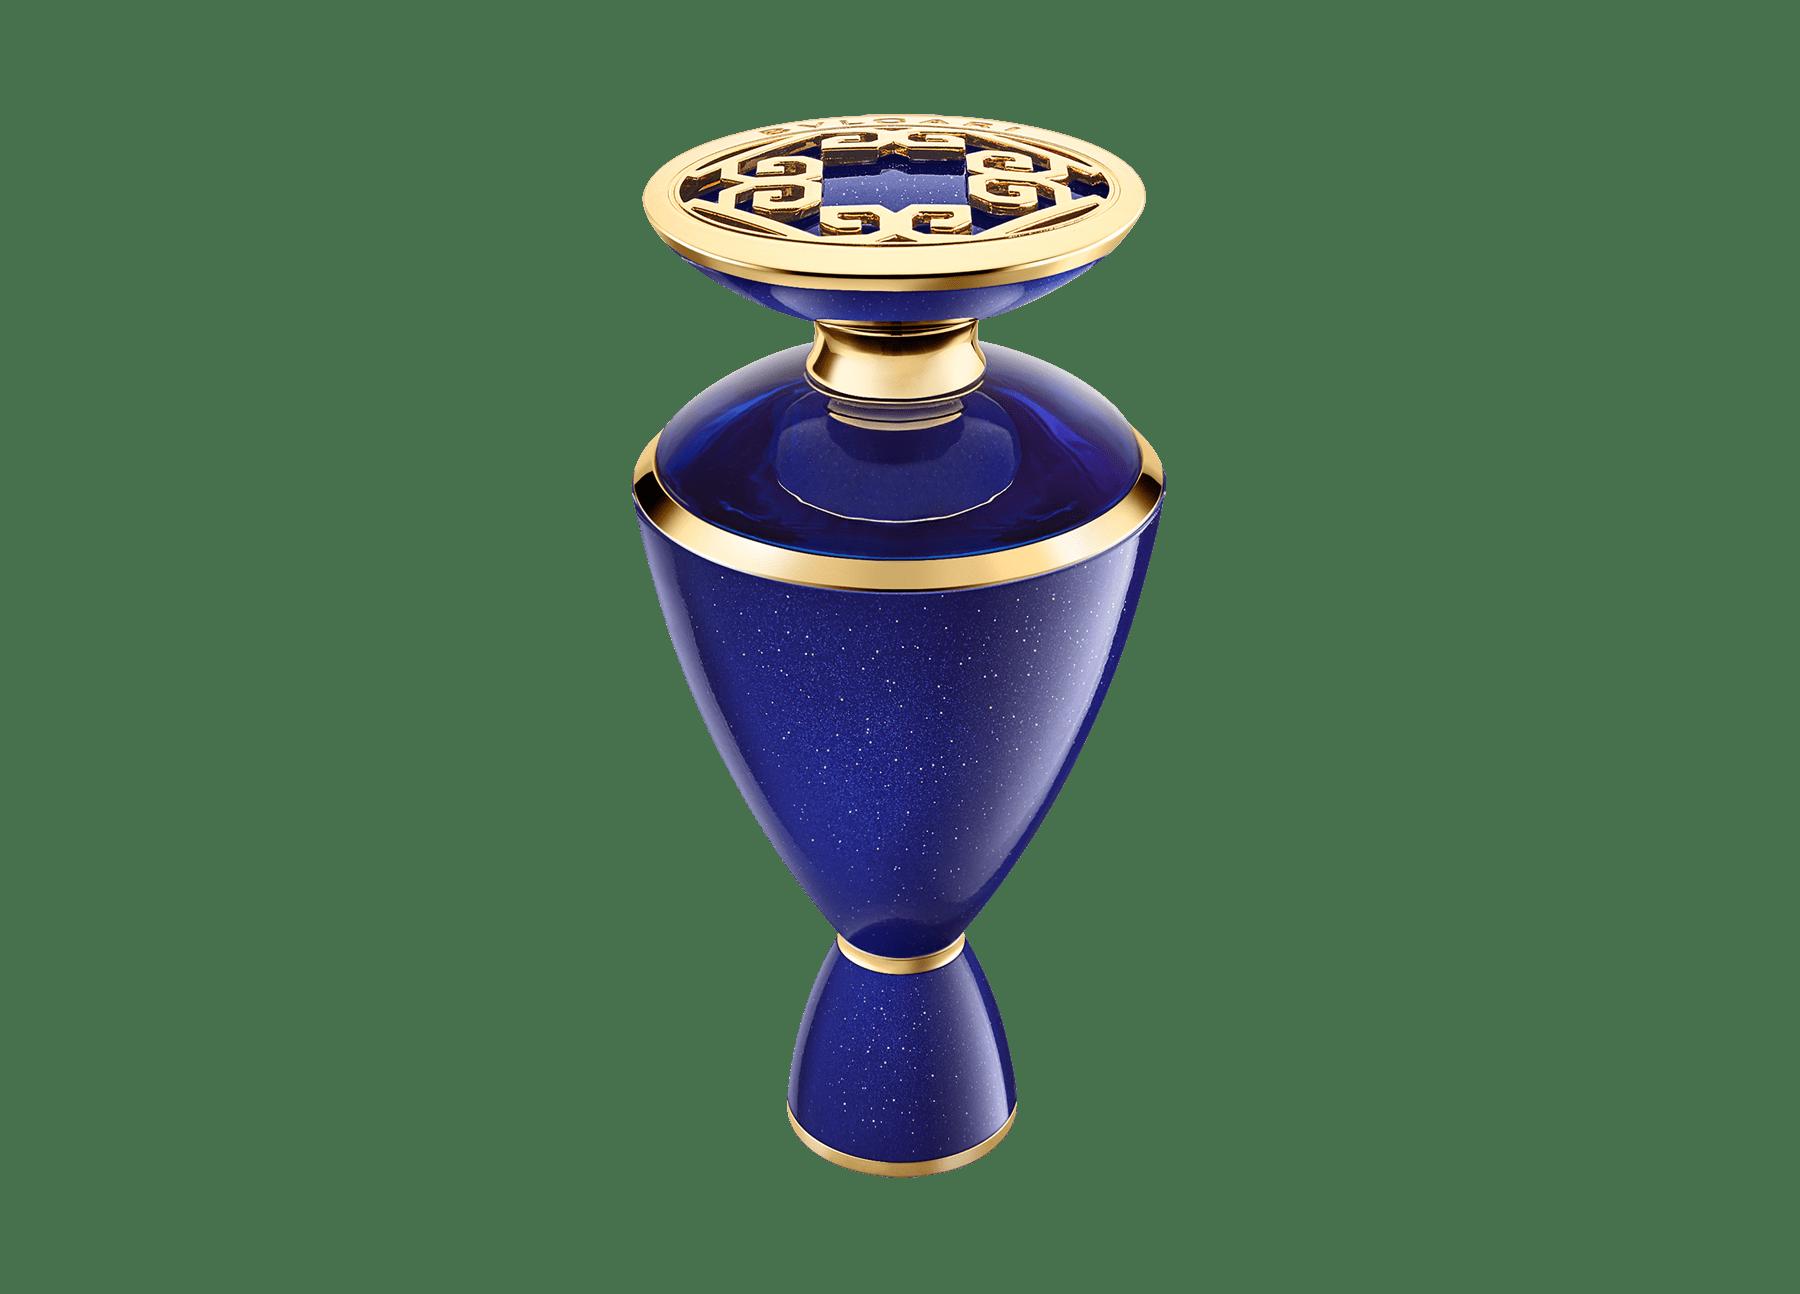 Das Aufeinandertreffen von zwei Schätzen der Natur: Schillernder Aventurin und kostbarer Safran bilden auf harmonische Weise dieses faszinierende neue Parfum-Duo als Sammleredition 41493 image 1